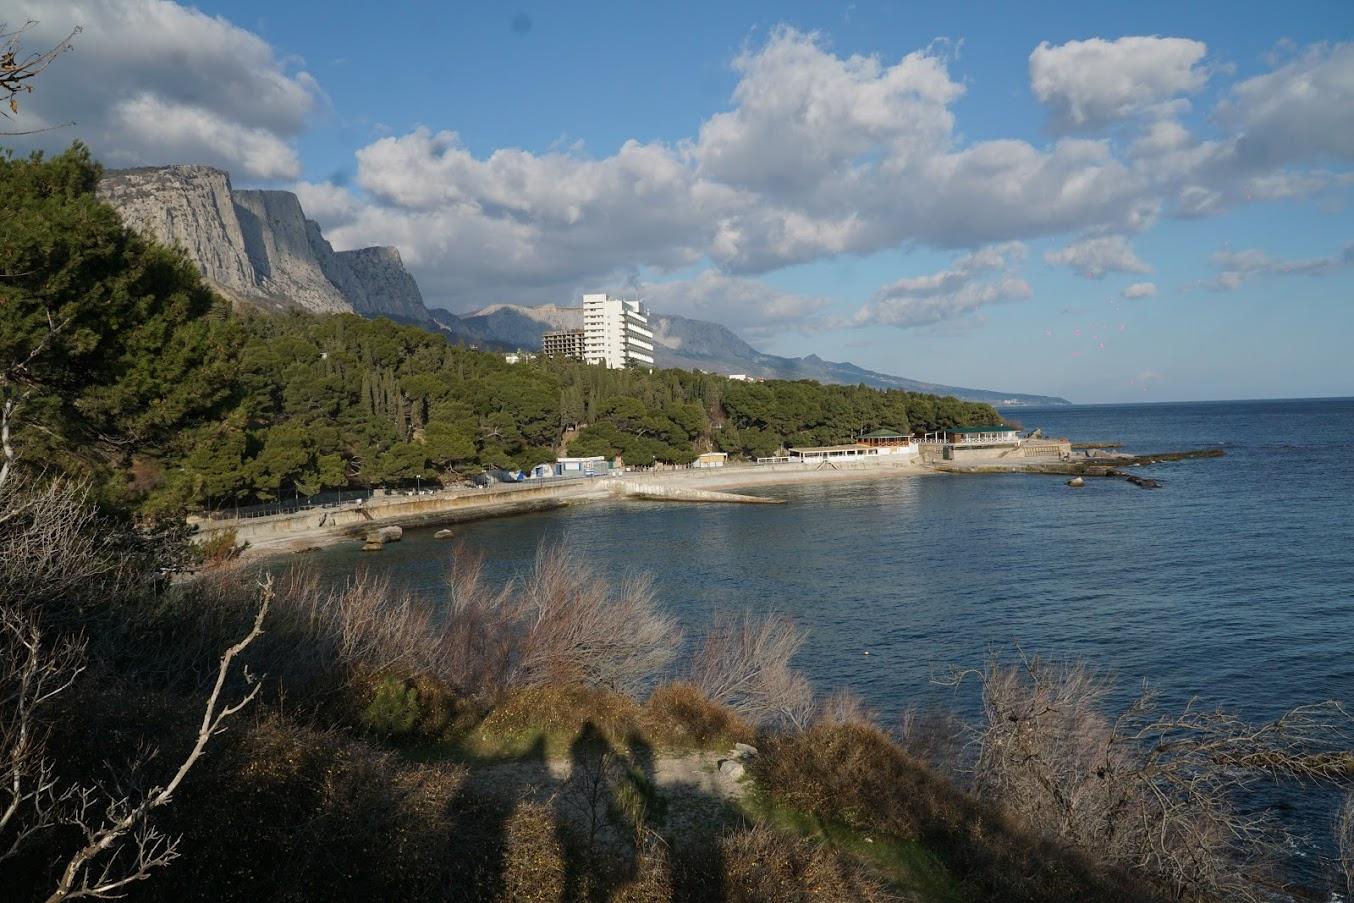 Комиссия Совета министров РК предложила застройщику Форосского парка благоустроить дикий пляж